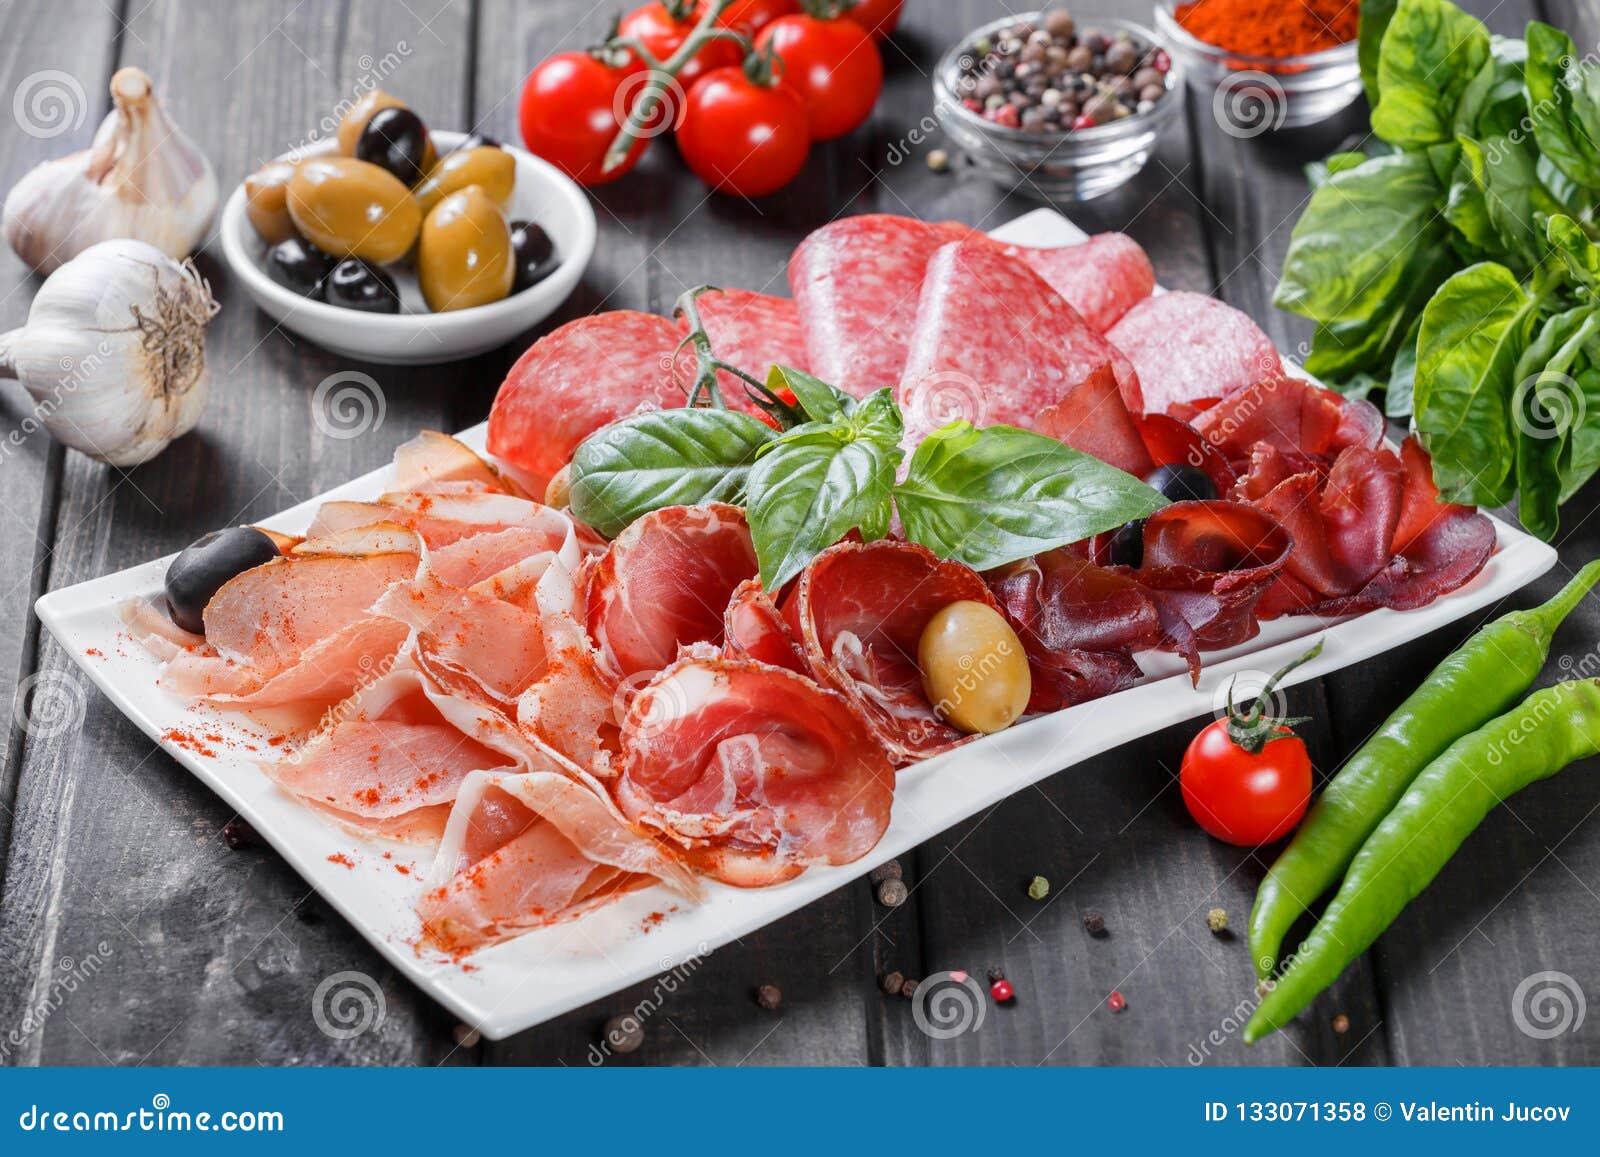 Antipasto półmiska zimnego mięsa talerz z prosciutto, plasterki balerony, salami, dekorował z basilem i oliwką